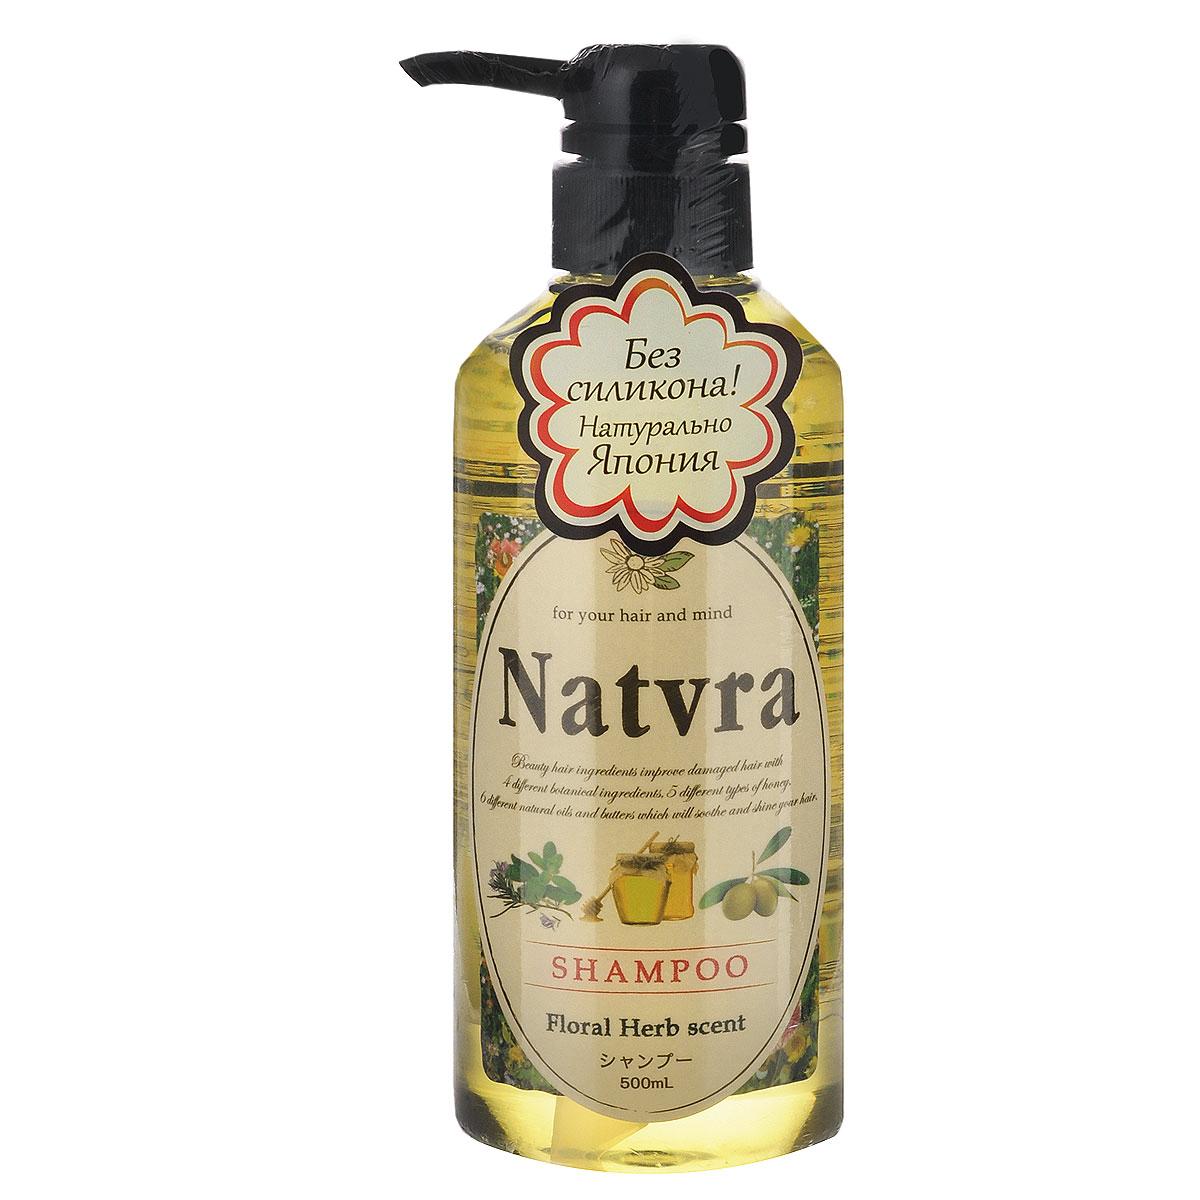 """Japan Gateway Шампунь для волос Natvra, без силикона, 500 млHS-81472722Шампунь для волос """"Natvra"""" -сила природы для красоты волос.Восстановление волос. Растительные компоненты (кленовый сок, луговое масло, экстракт кофе, соевый белок) для красоты волос. Гладкость и блеск. Натуральные масла (оливы, арганы, манго, какао) для придания гладкости. Увлажнение. Медовые компоненты (растворенный медовый белок, воск, маточное молочко) для глубокого увлажнения. Шампунь не содержит силикона, искусственных ароматизаторов и красителей, продуктов нефтепереработки. Товар сертифицирован."""